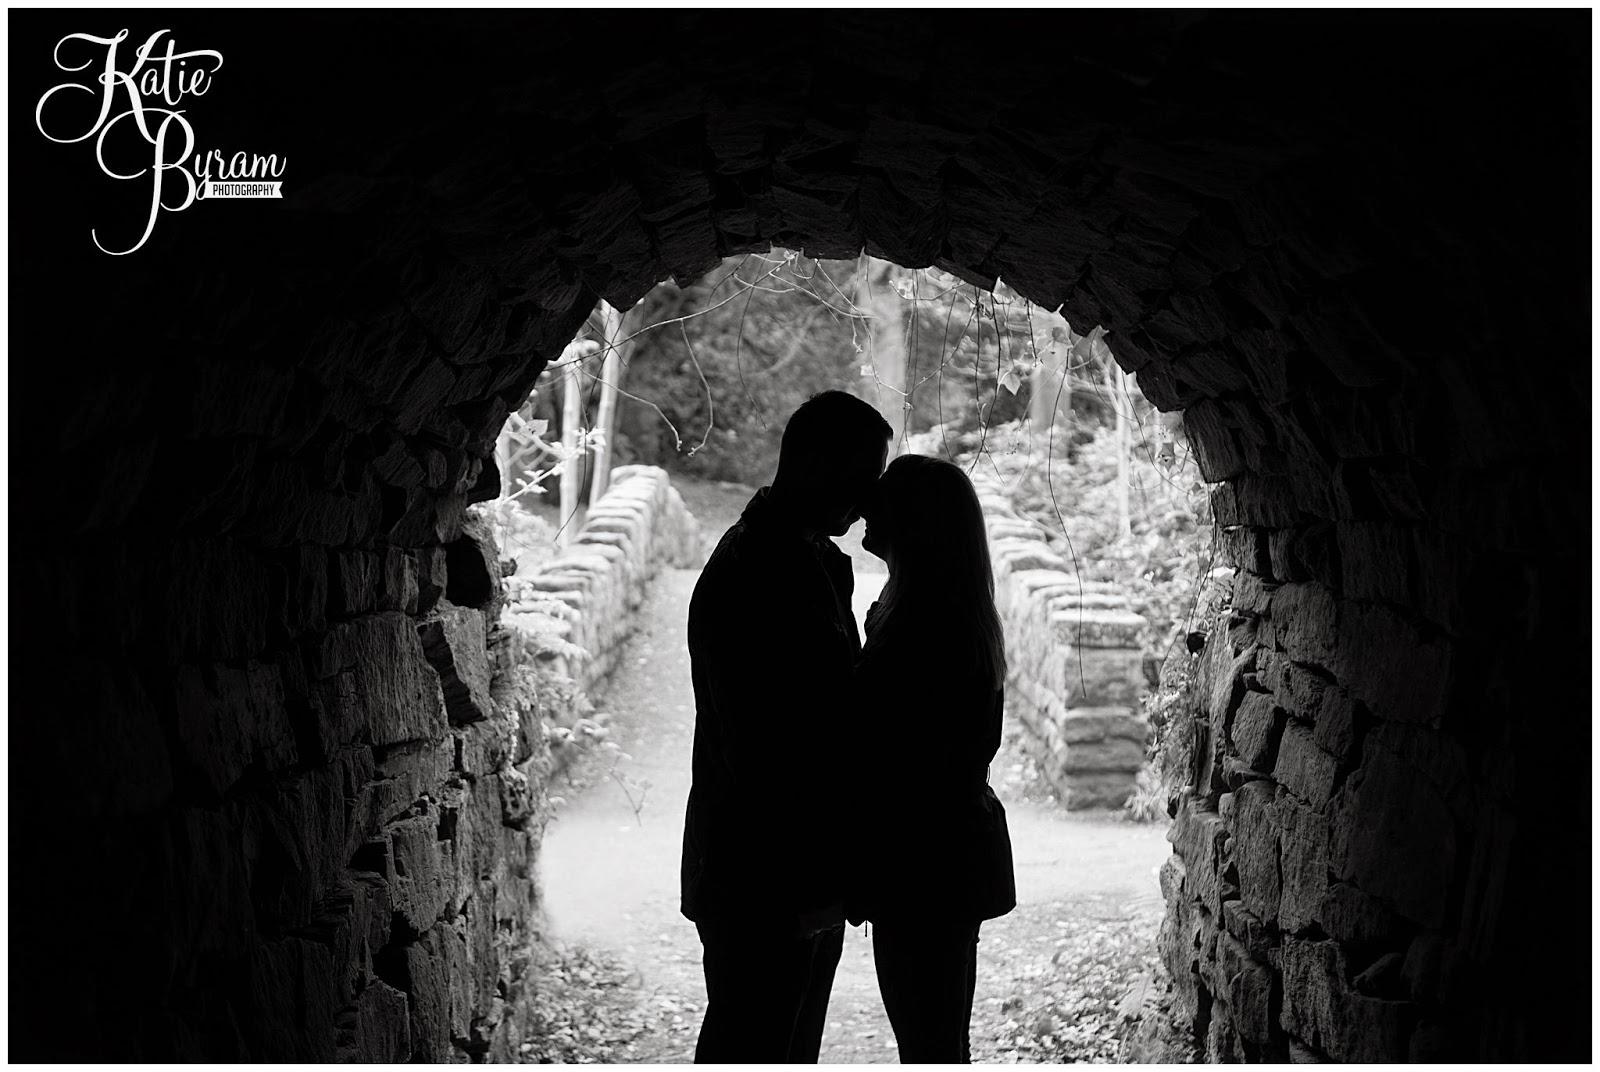 jesmond dene, jesmond dene wedding, pre-wedding photoshoot, jesmond pre-wedding shoot, katie byram photography, newcastle wedding photography, ellingham hall,